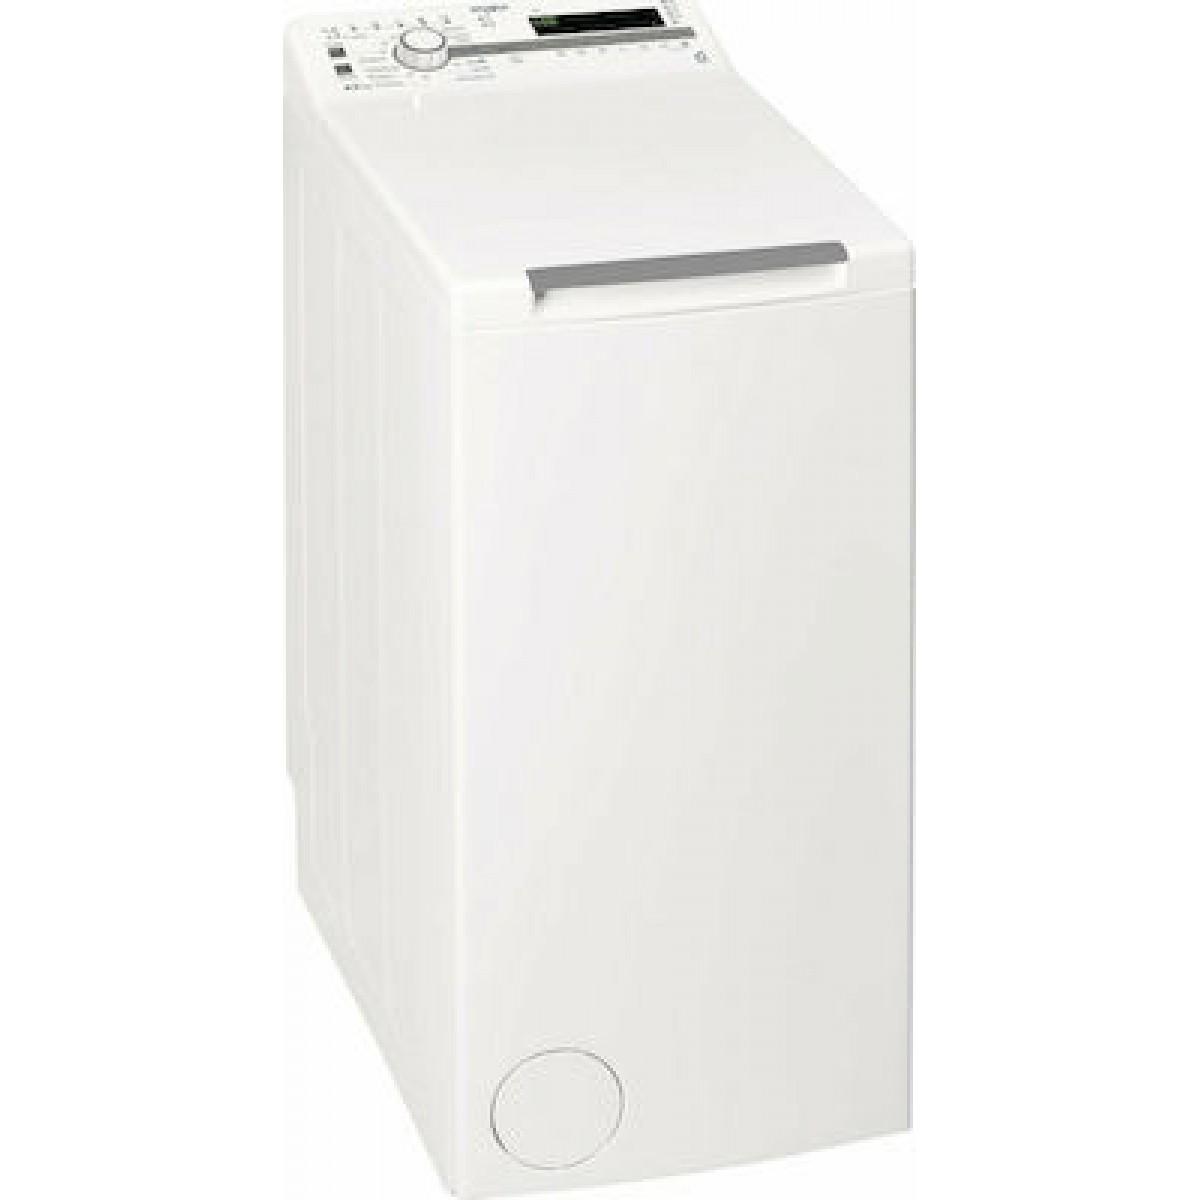 Πλυντήριο Ρούχων Whirlpool Άνω Φόρτωσης TDLR 65230SS EU/N 6,5kg 1200rpm A+++ Πλυντήρια ρούχων